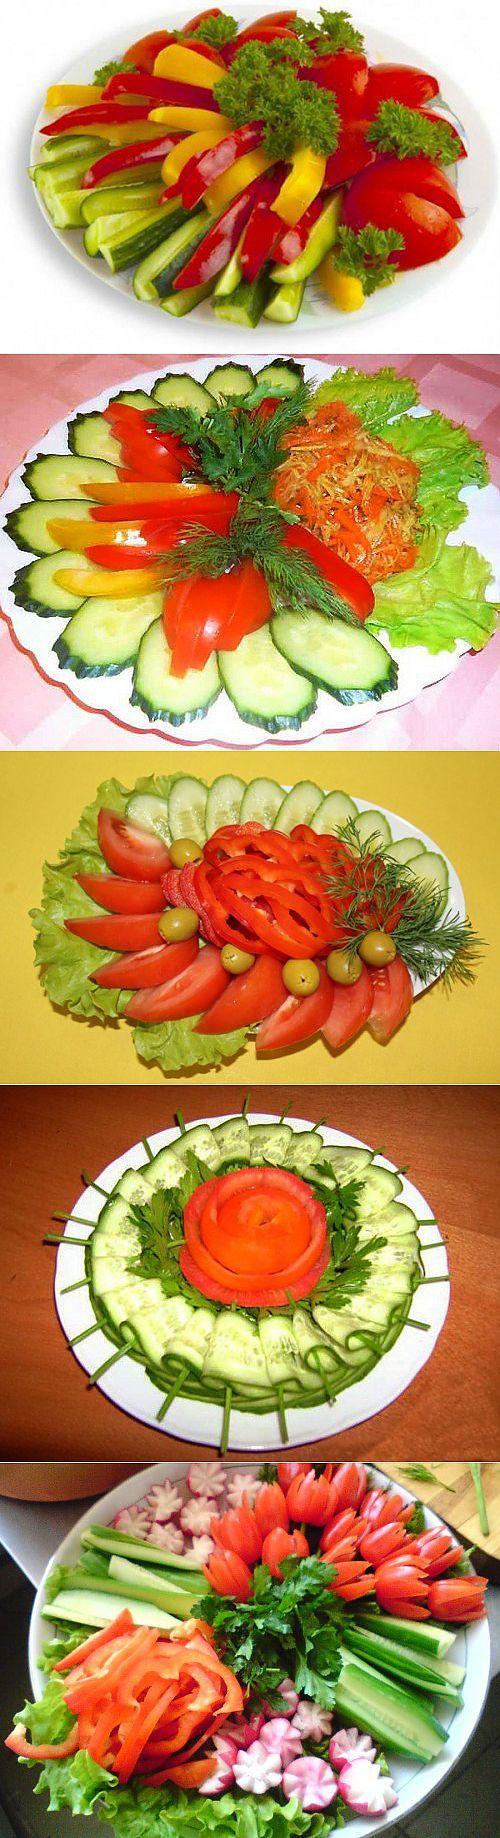 Красивое оформление овощных нарезок / Простые рецепты | Карвинг | Постила